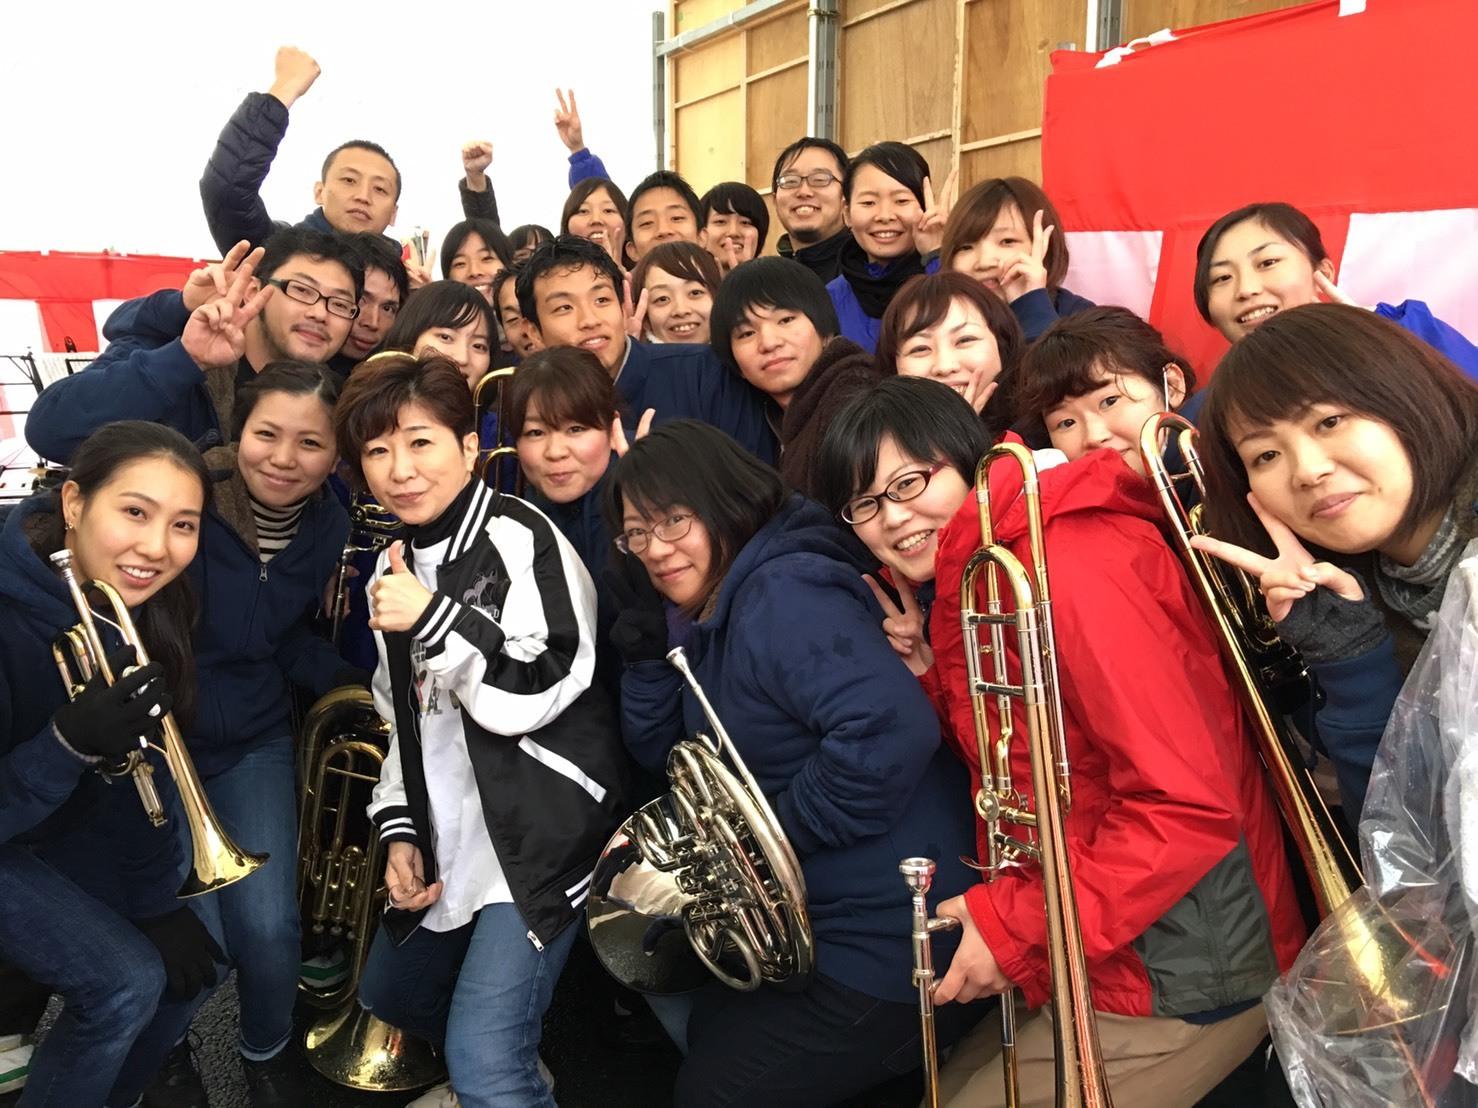 南阿蘇鉄道「ワンピースラッピング列車」出発セレモニー_a0163623_23144199.jpg